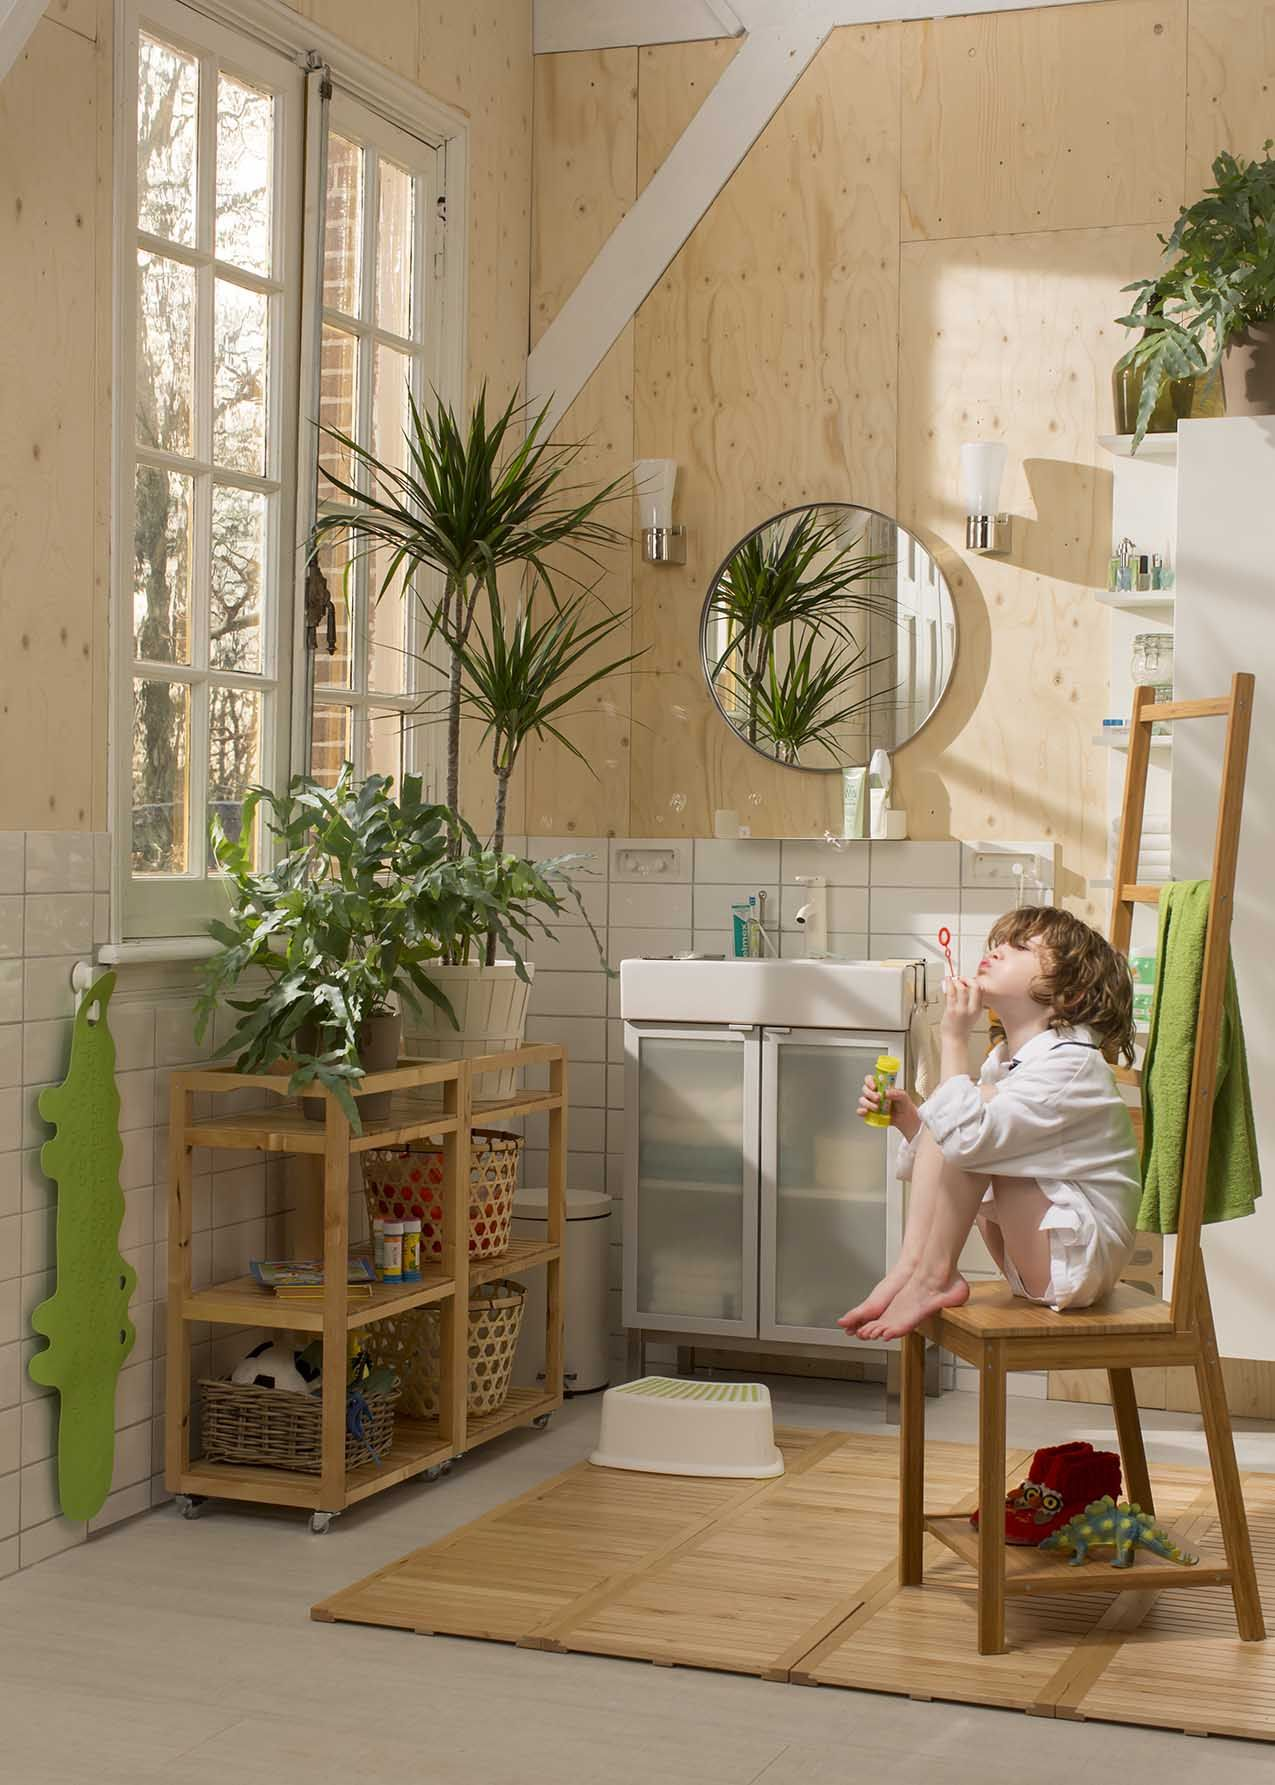 RÅGRUND Stoel met handdoekenrek, bamboe - Bamboe, Badkamer en Met